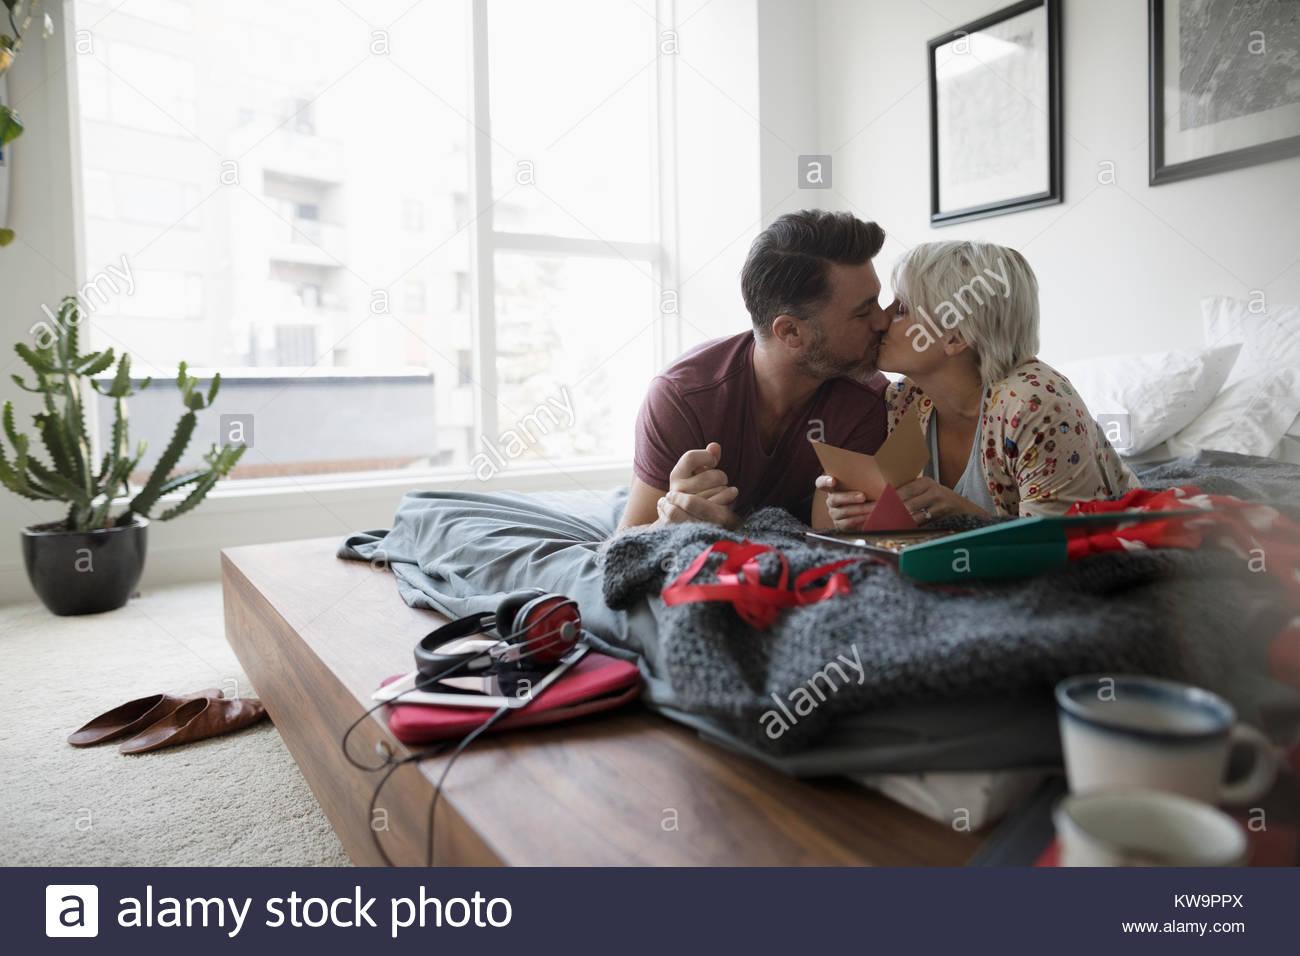 Afectuoso,pareja romántica besos y apertura Valentine Imagen De Stock